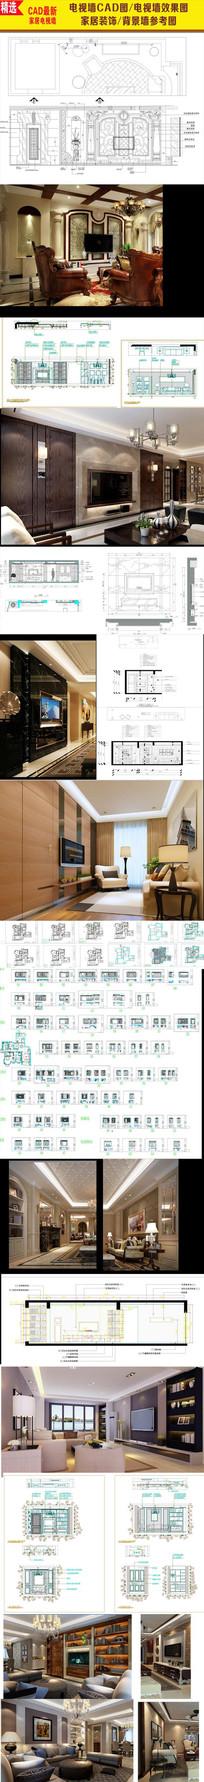 欧式电视墙CAD 家居装饰图